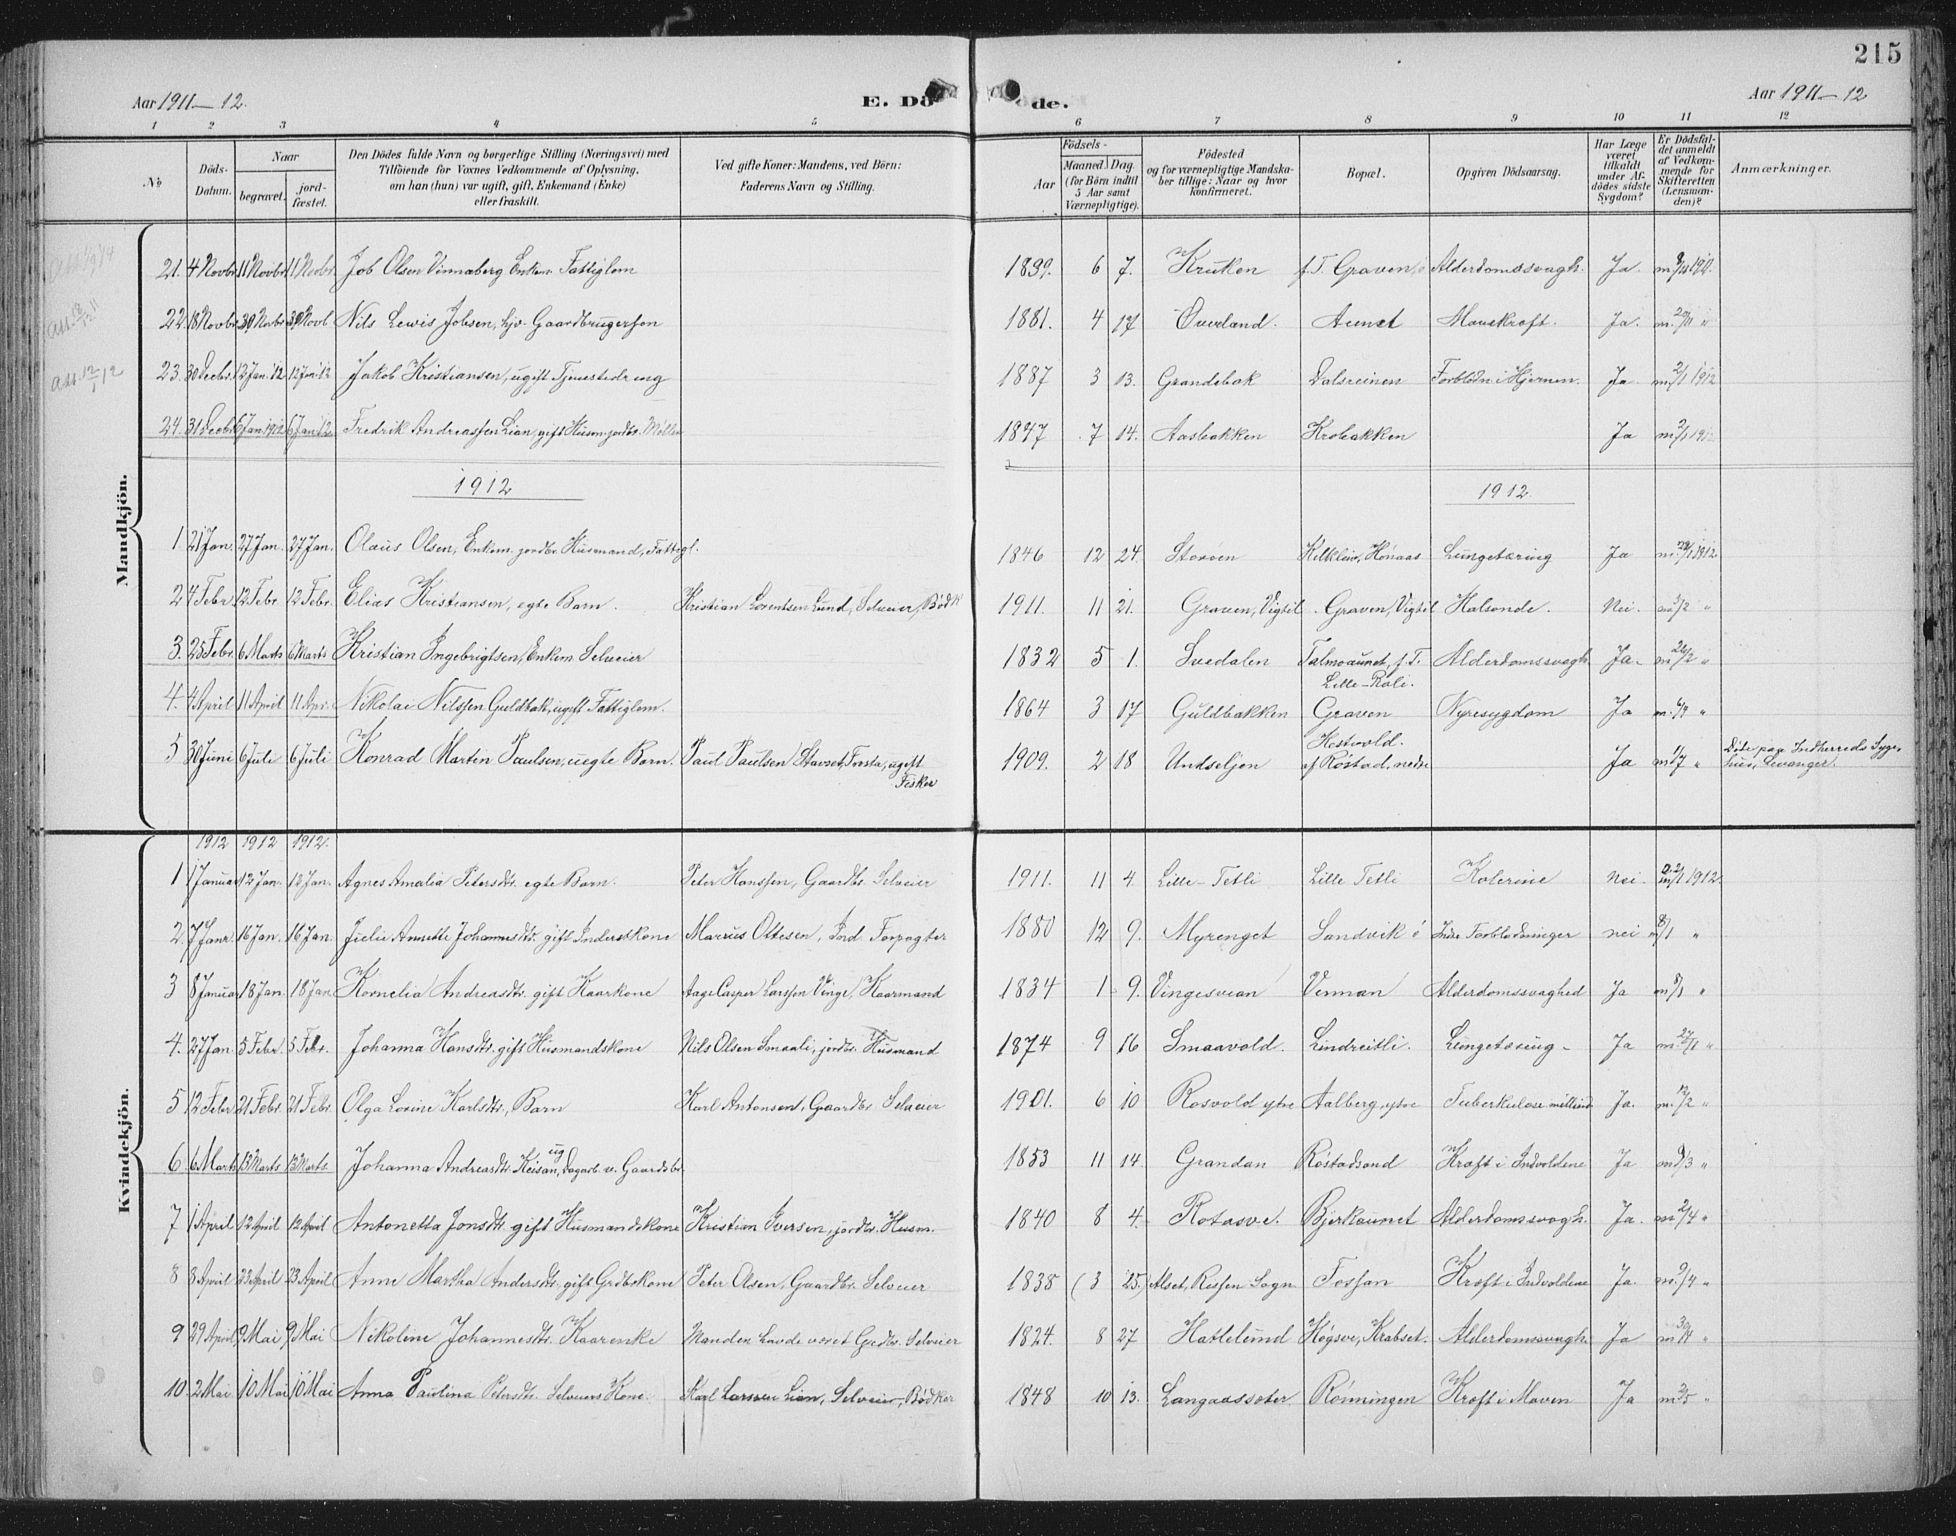 SAT, Ministerialprotokoller, klokkerbøker og fødselsregistre - Nord-Trøndelag, 701/L0011: Parish register (official) no. 701A11, 1899-1915, p. 215